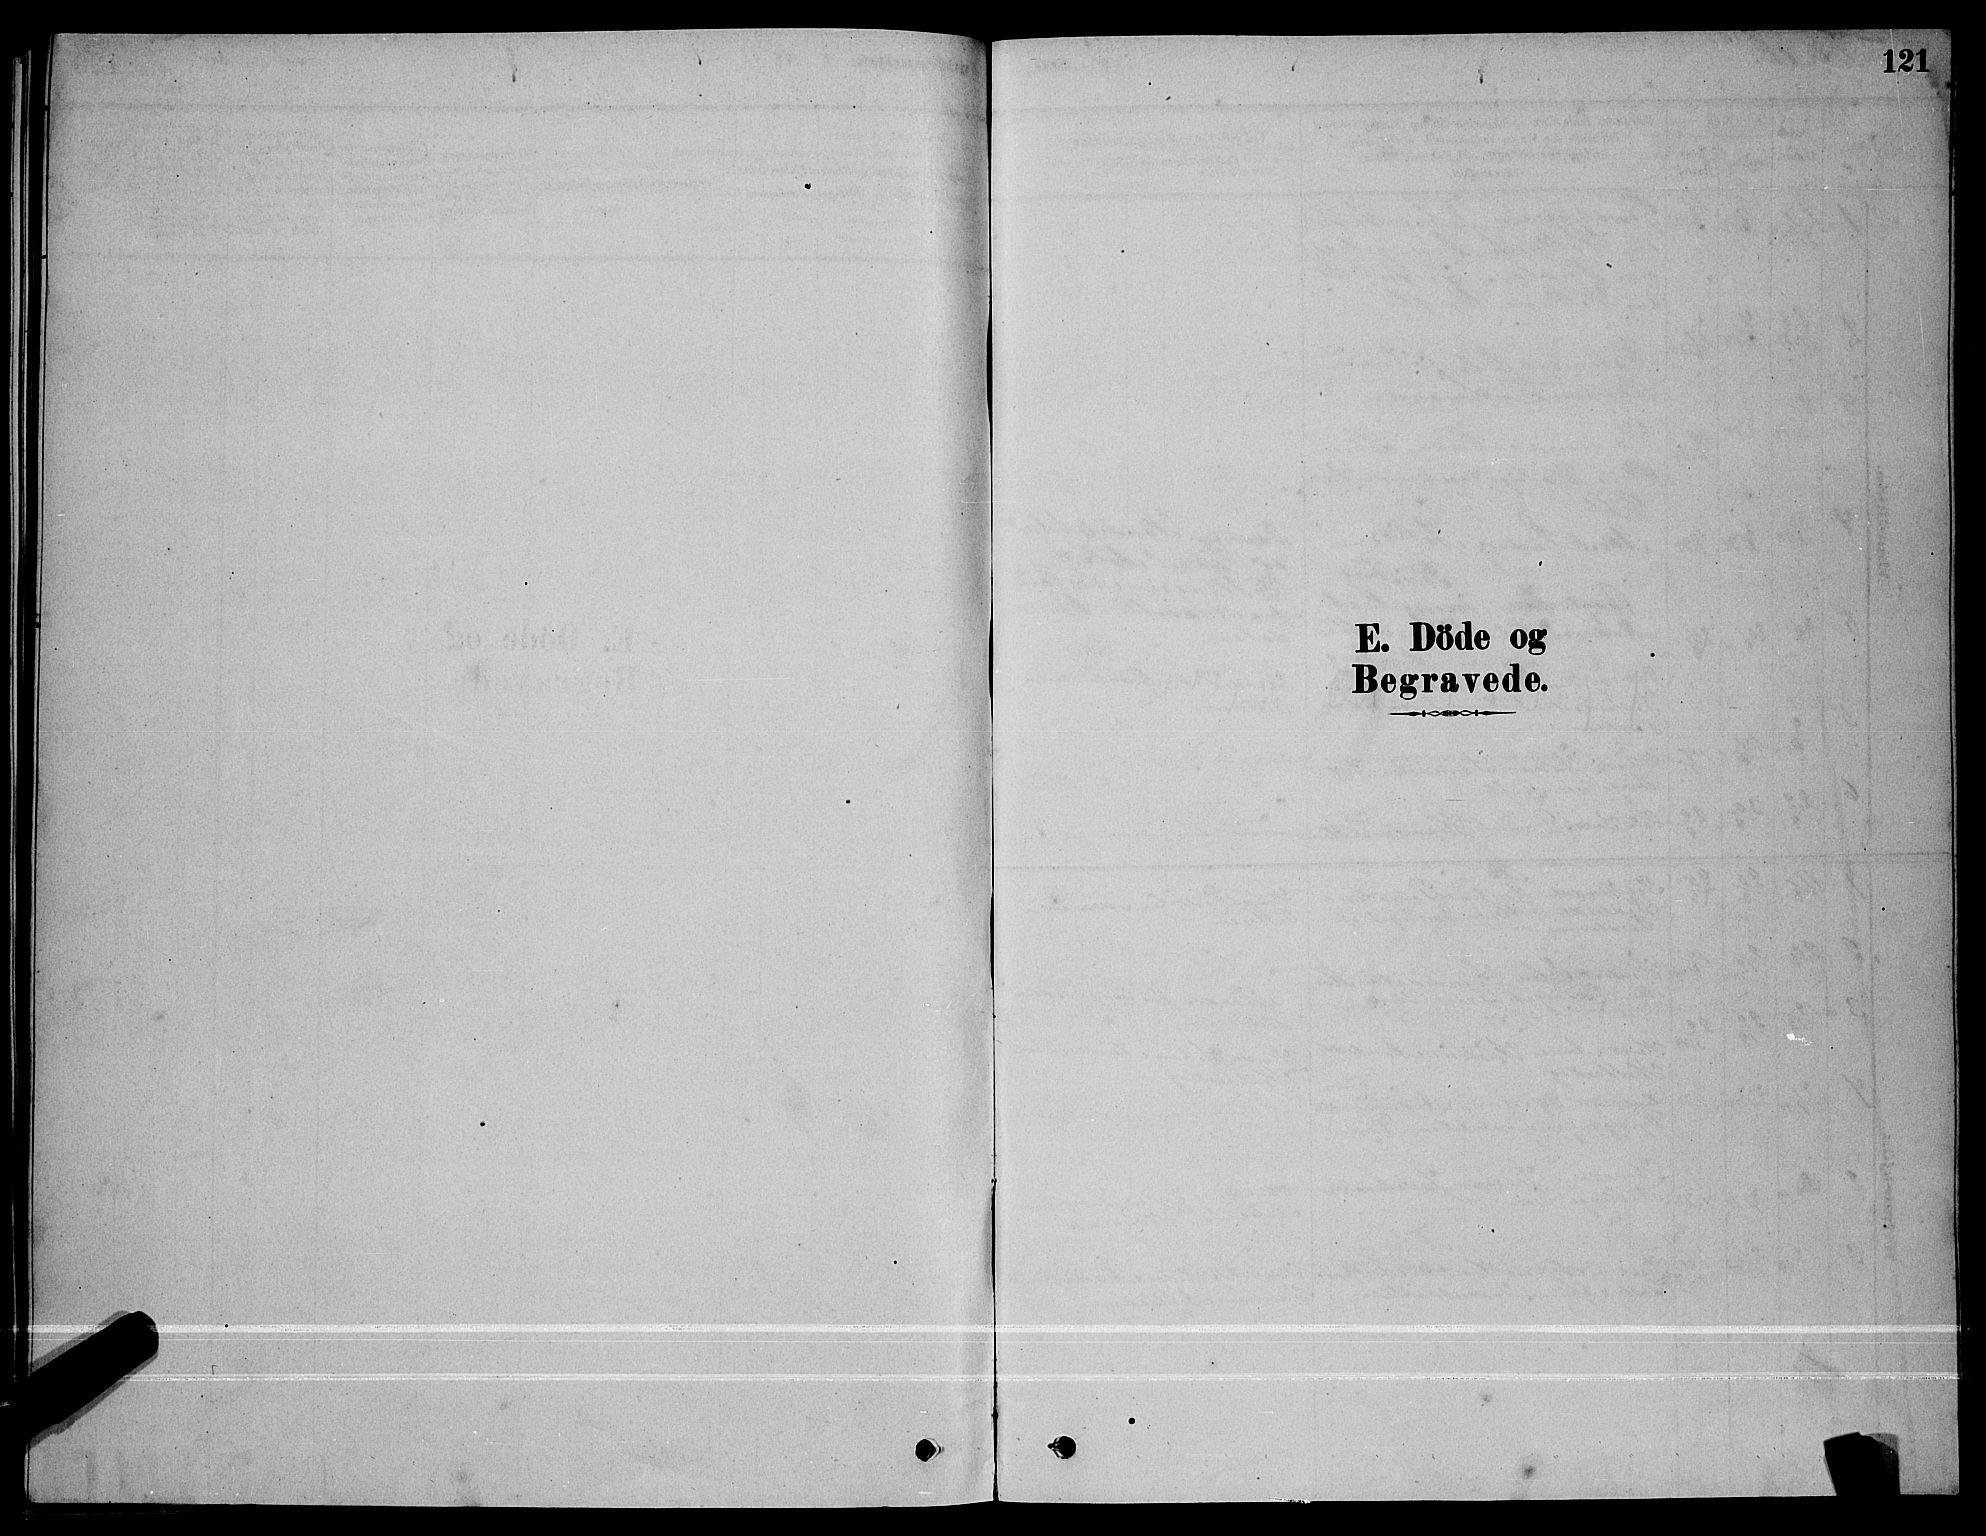 SAT, Ministerialprotokoller, klokkerbøker og fødselsregistre - Sør-Trøndelag, 641/L0597: Klokkerbok nr. 641C01, 1878-1893, s. 121